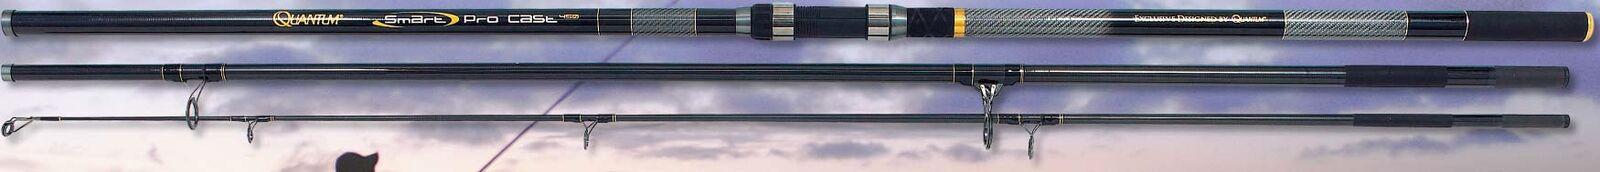 Quantum Smart pro pro pro Gegossen 420 4.3m Fischen Beachcaster Angelrute 3- Teiliges 3a4019